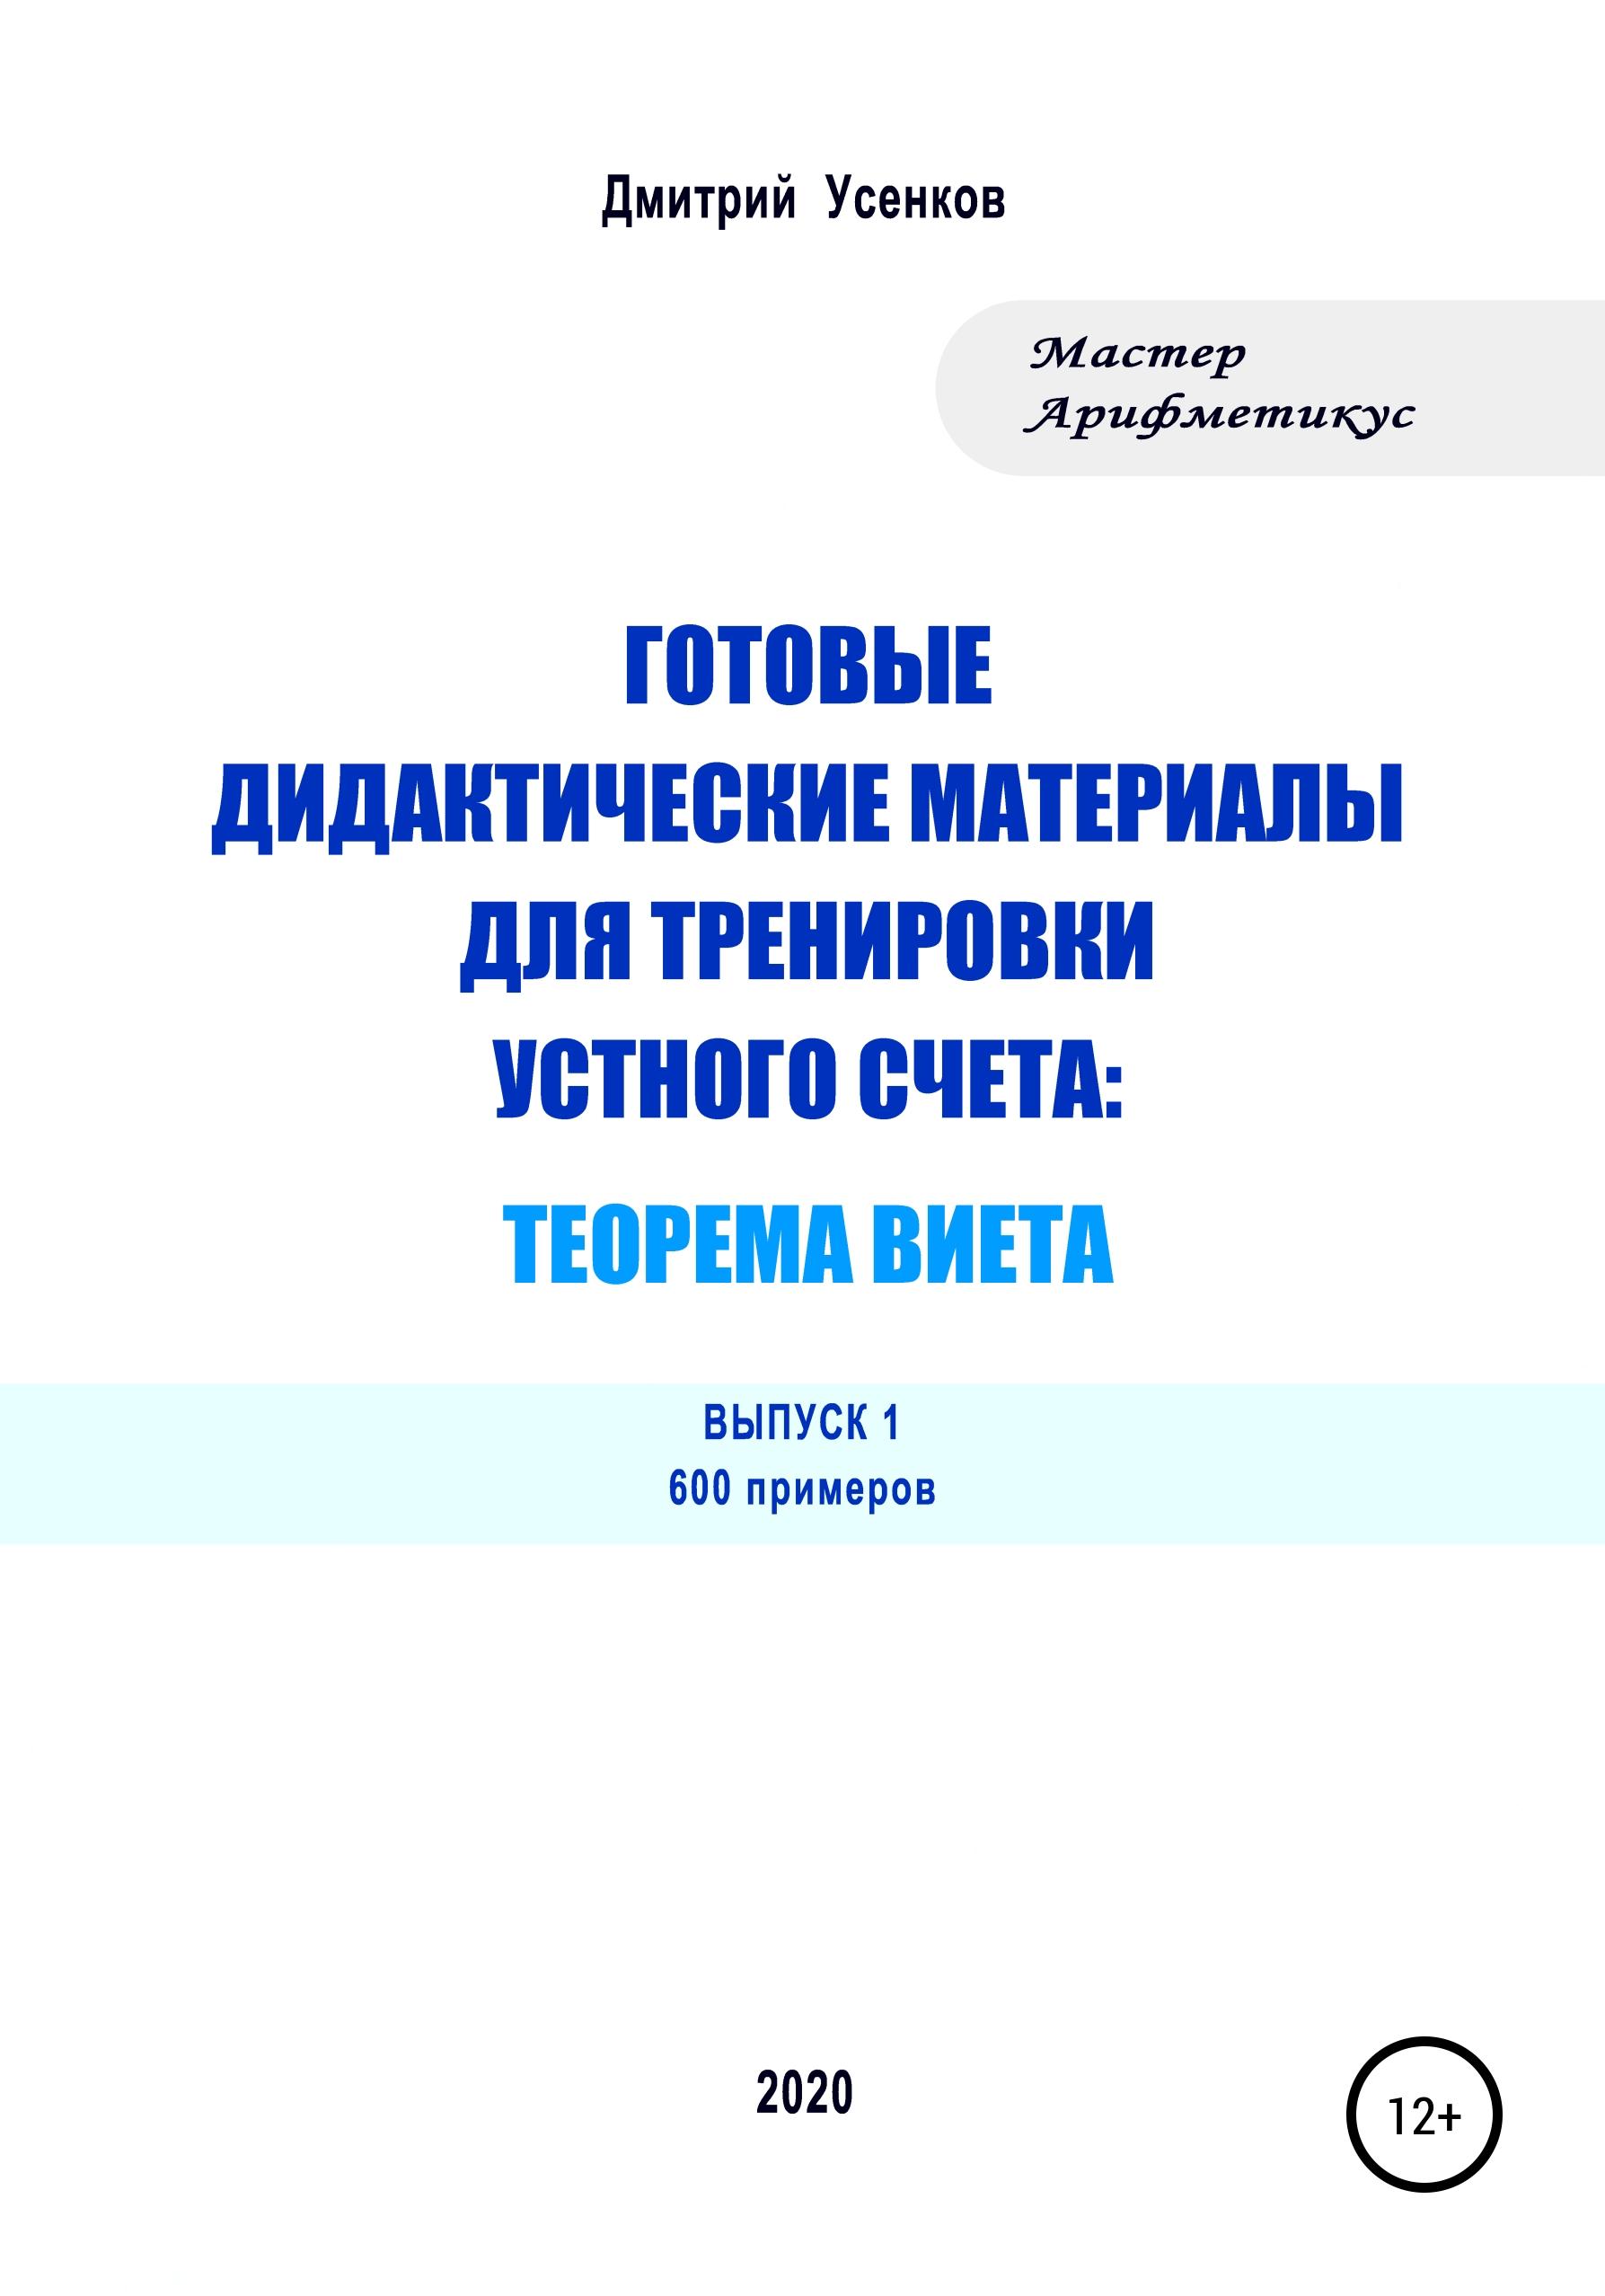 Купить книгу Готовые дидактические материалы для тренировки устного счета: теорема Виета. 600 примеров, автора Дмитрия Юрьевича Усенкова